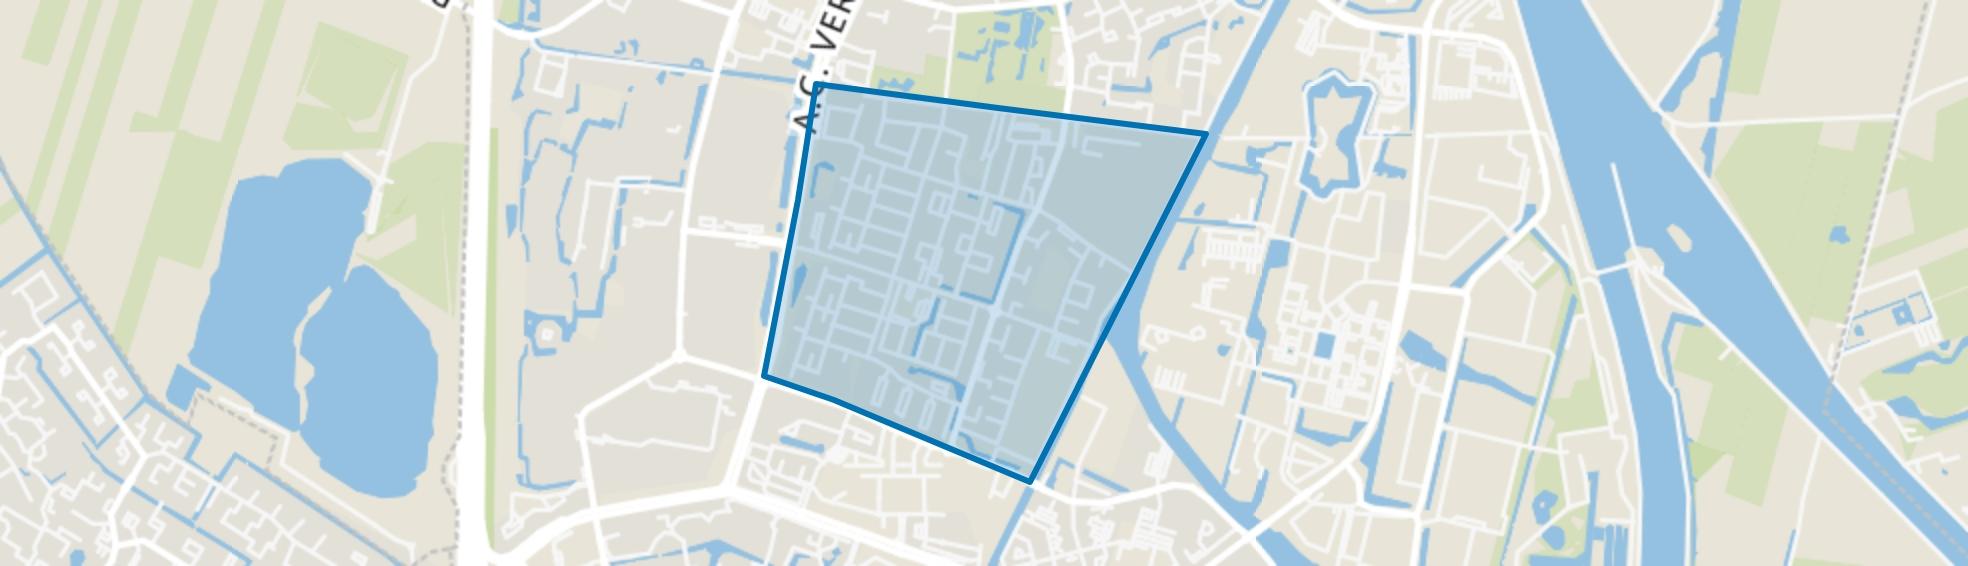 Jutphaas Wijkersloot, Nieuwegein map